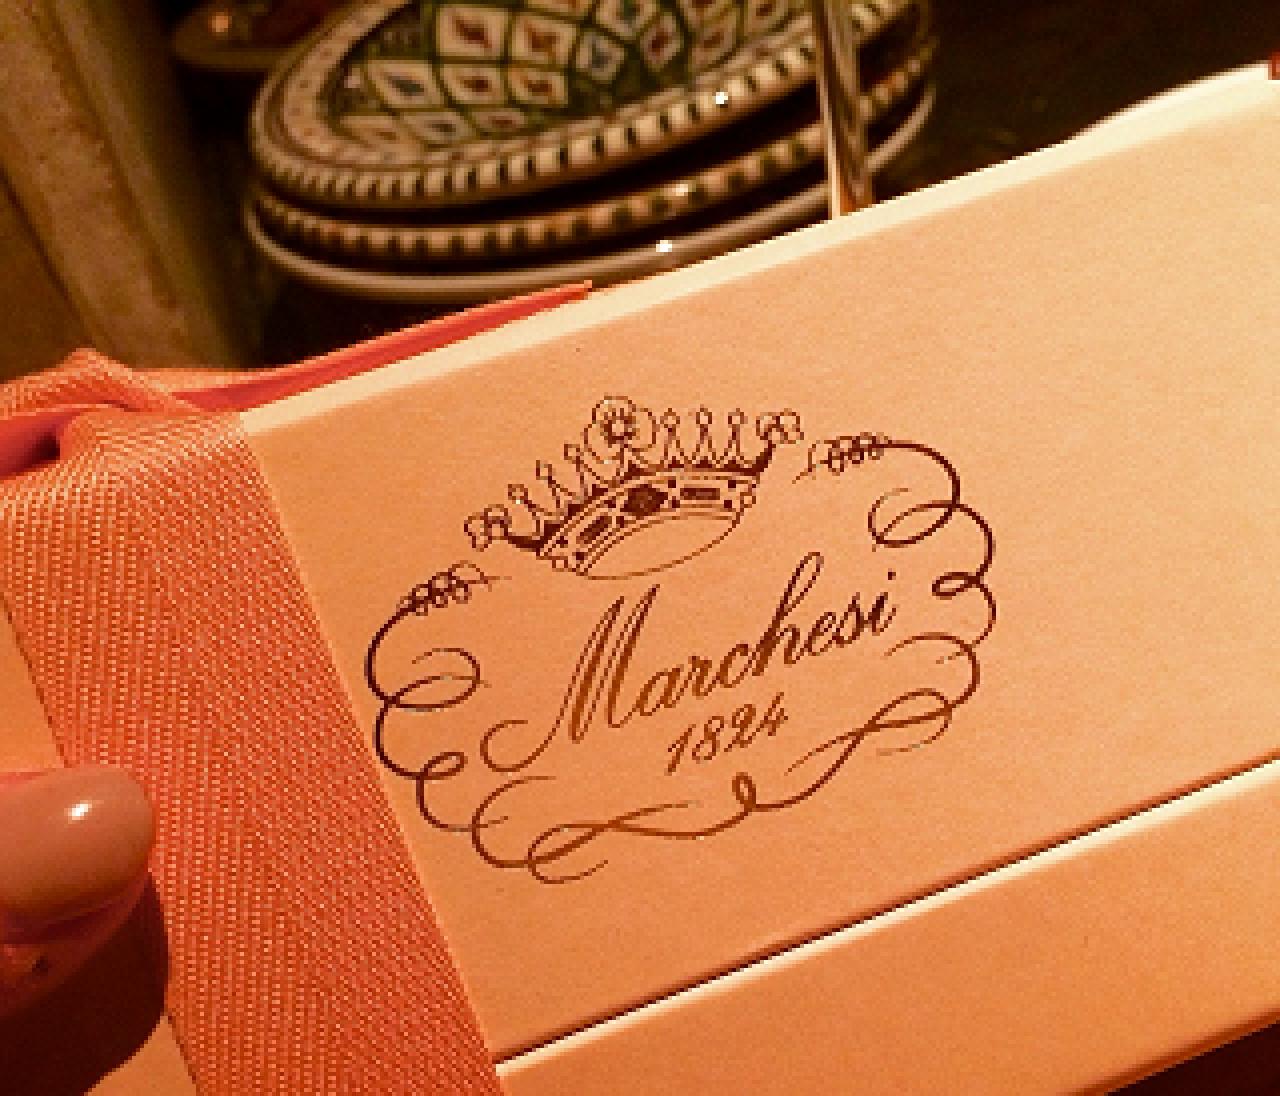 ミラノの老舗洋菓子店「マルケージ」のチョコレートが可愛すぎて美味し過ぎて…❤